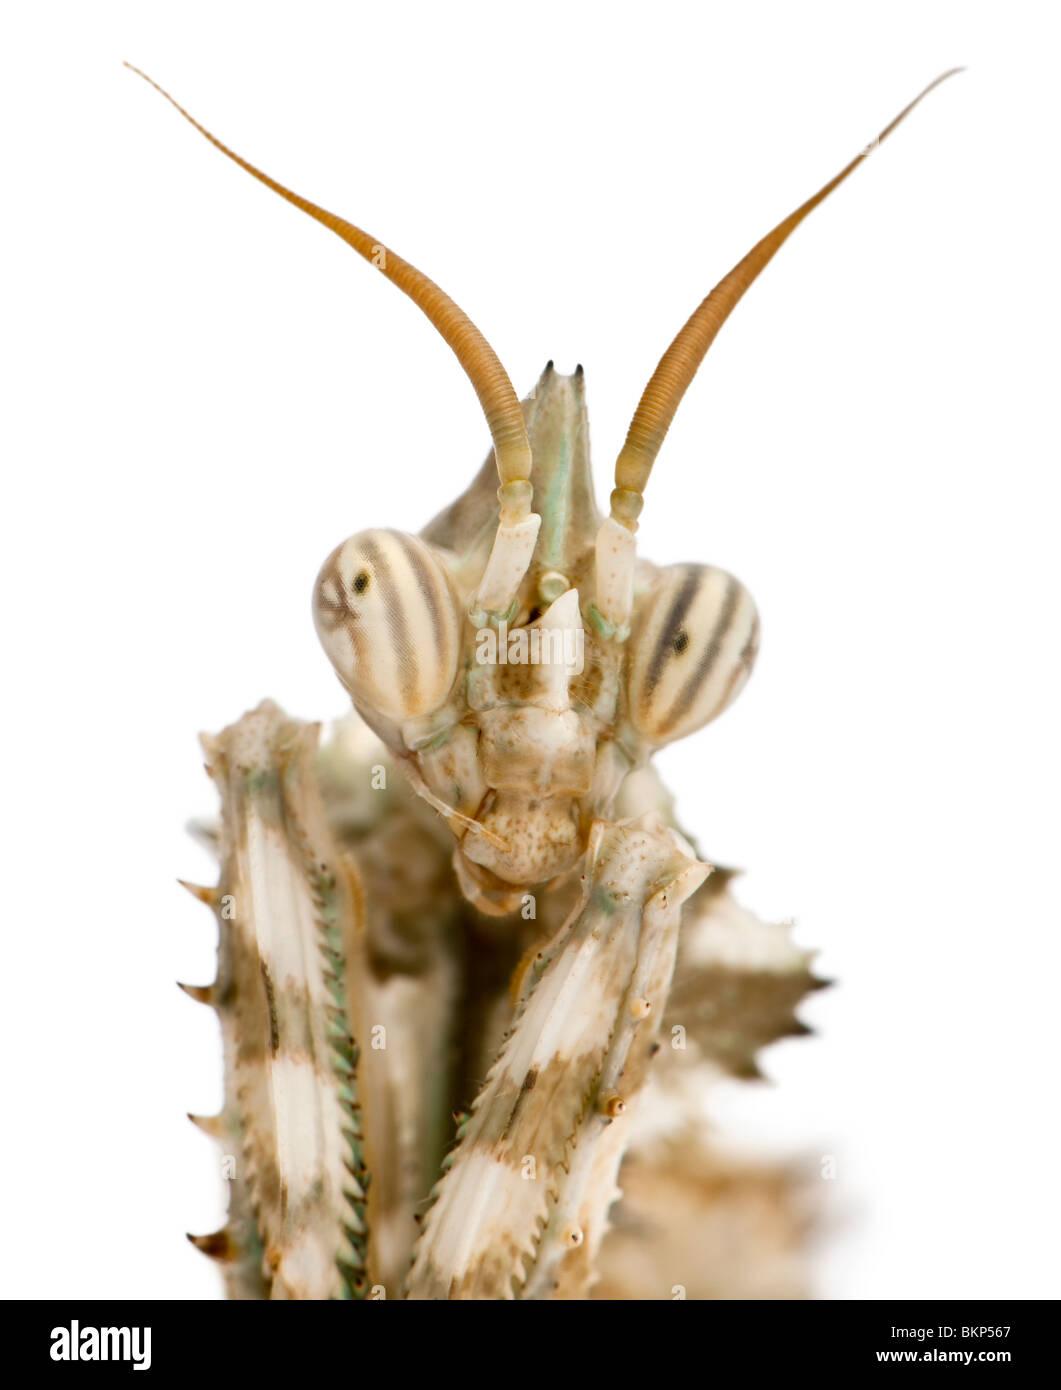 Female Blepharopsis mendica, Devil's Flower Mantis, in front of white background - Stock Image